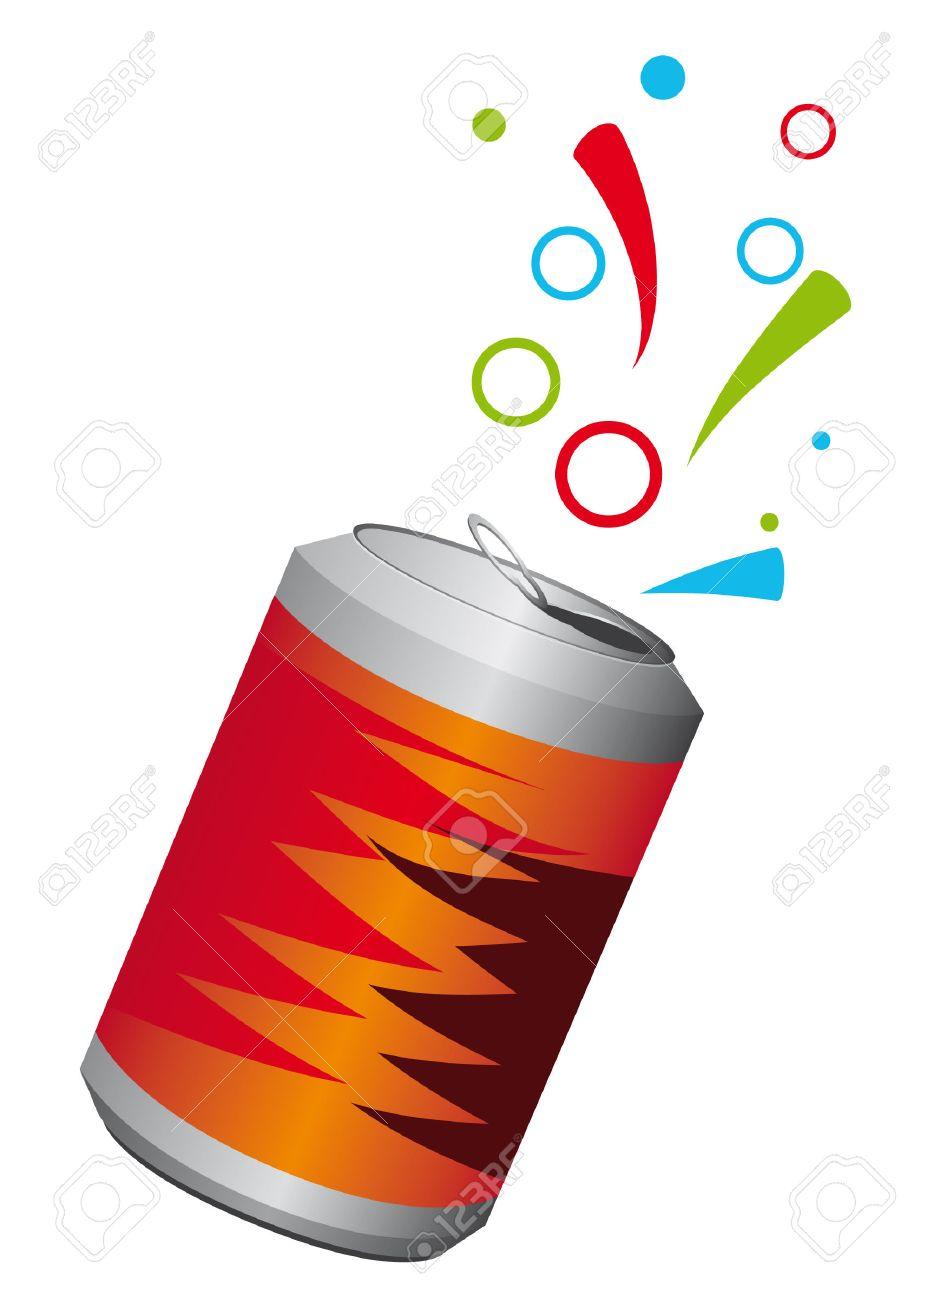 アルミニウムはさわやかなドリンクを飲みながらすることができます